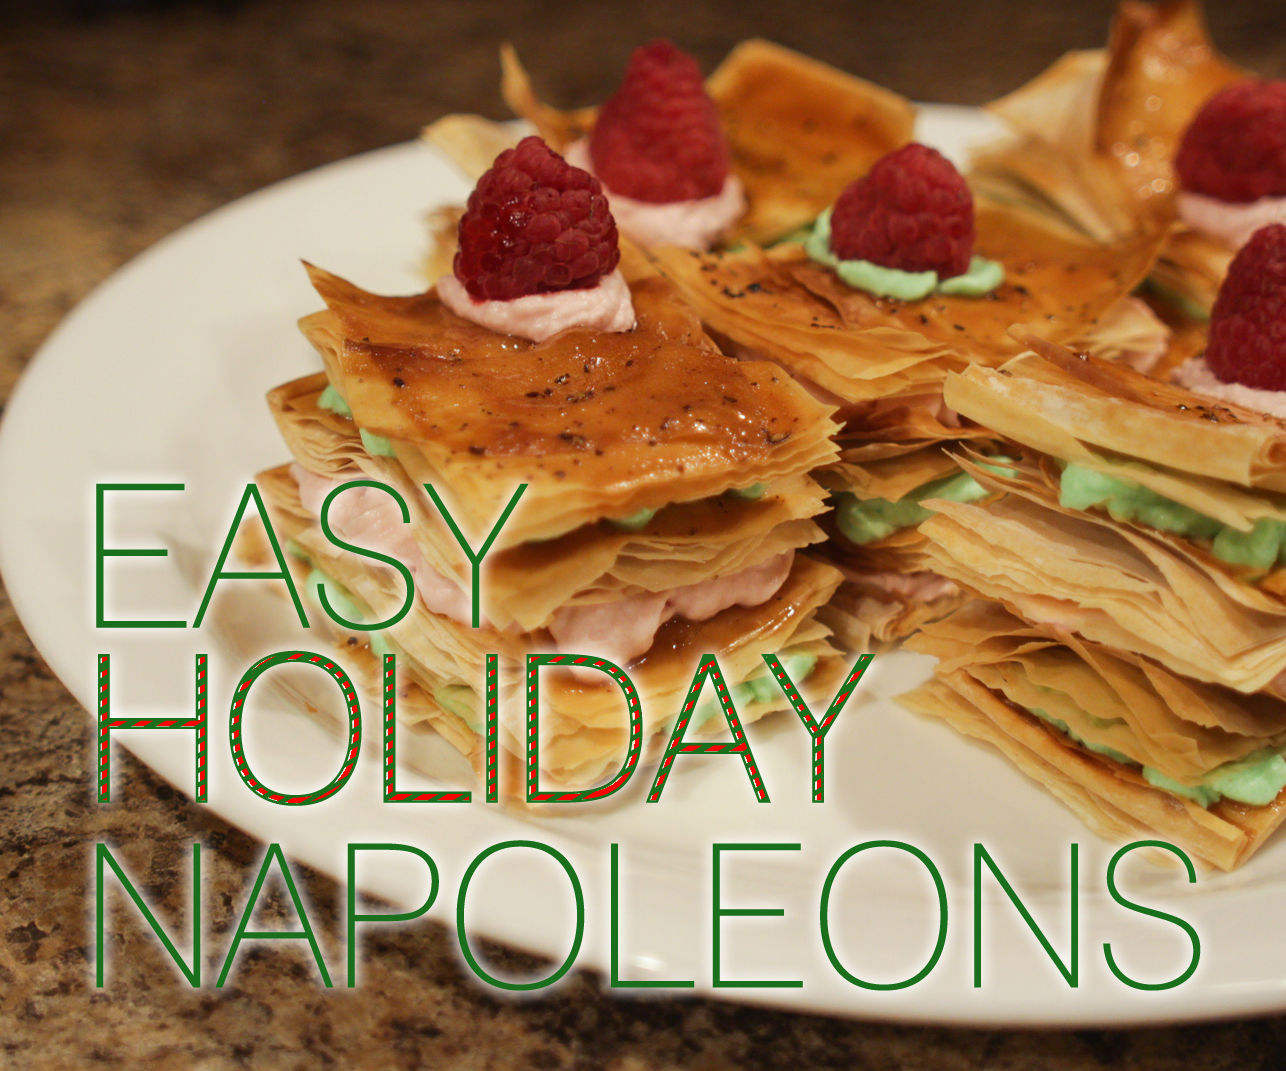 Easy Holiday Napoleons